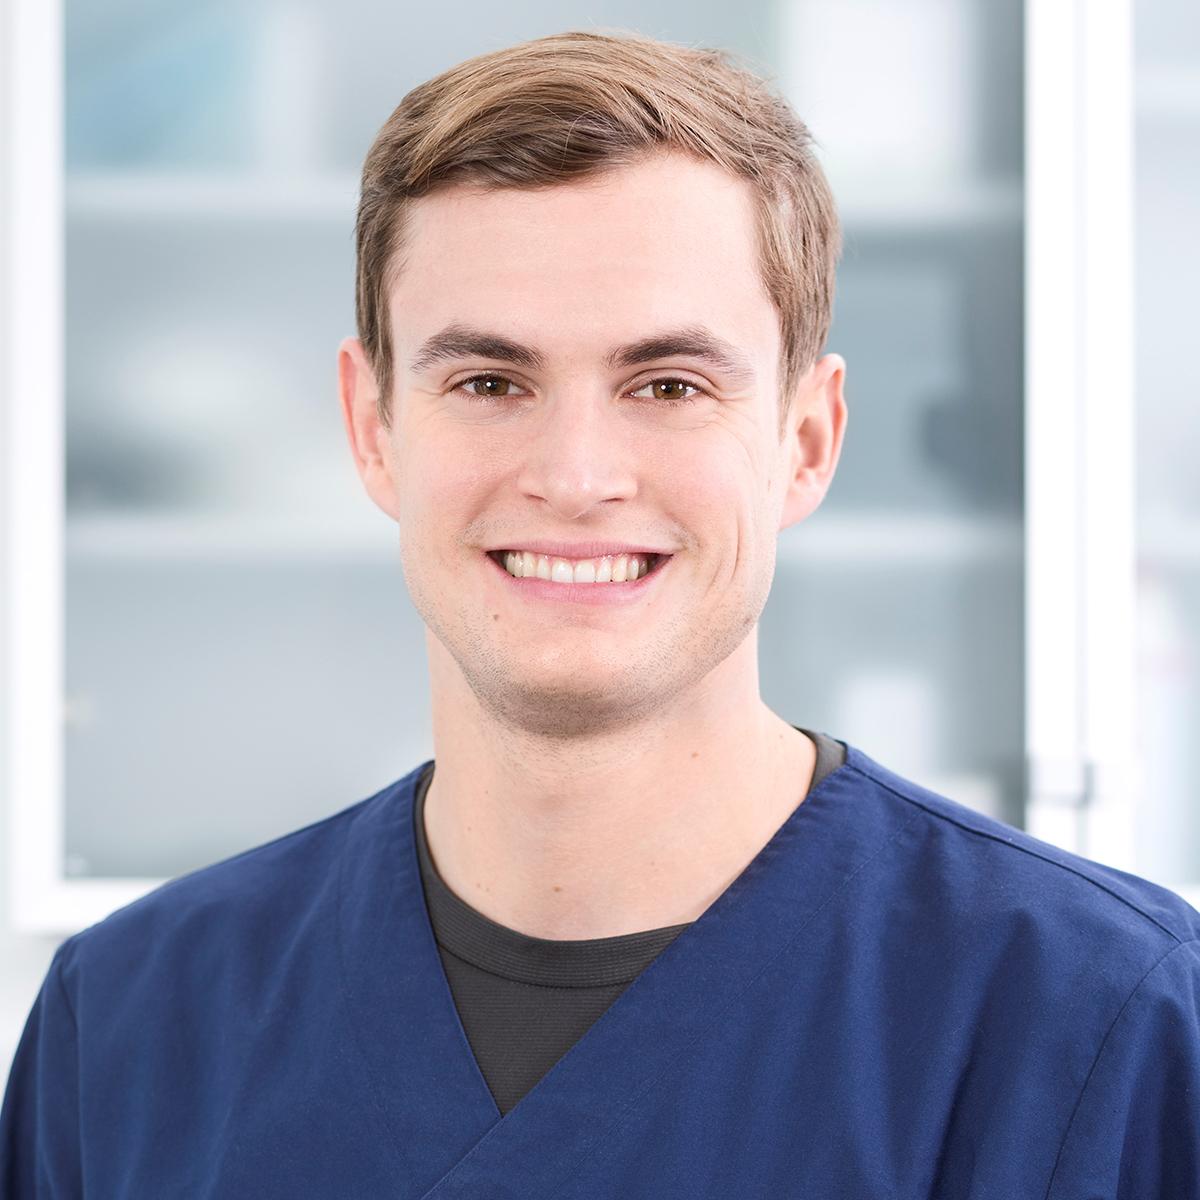 Mundchirurgie Kieferchirurgie Gesichtschirurgie Oralchirurgie Wiesbaden